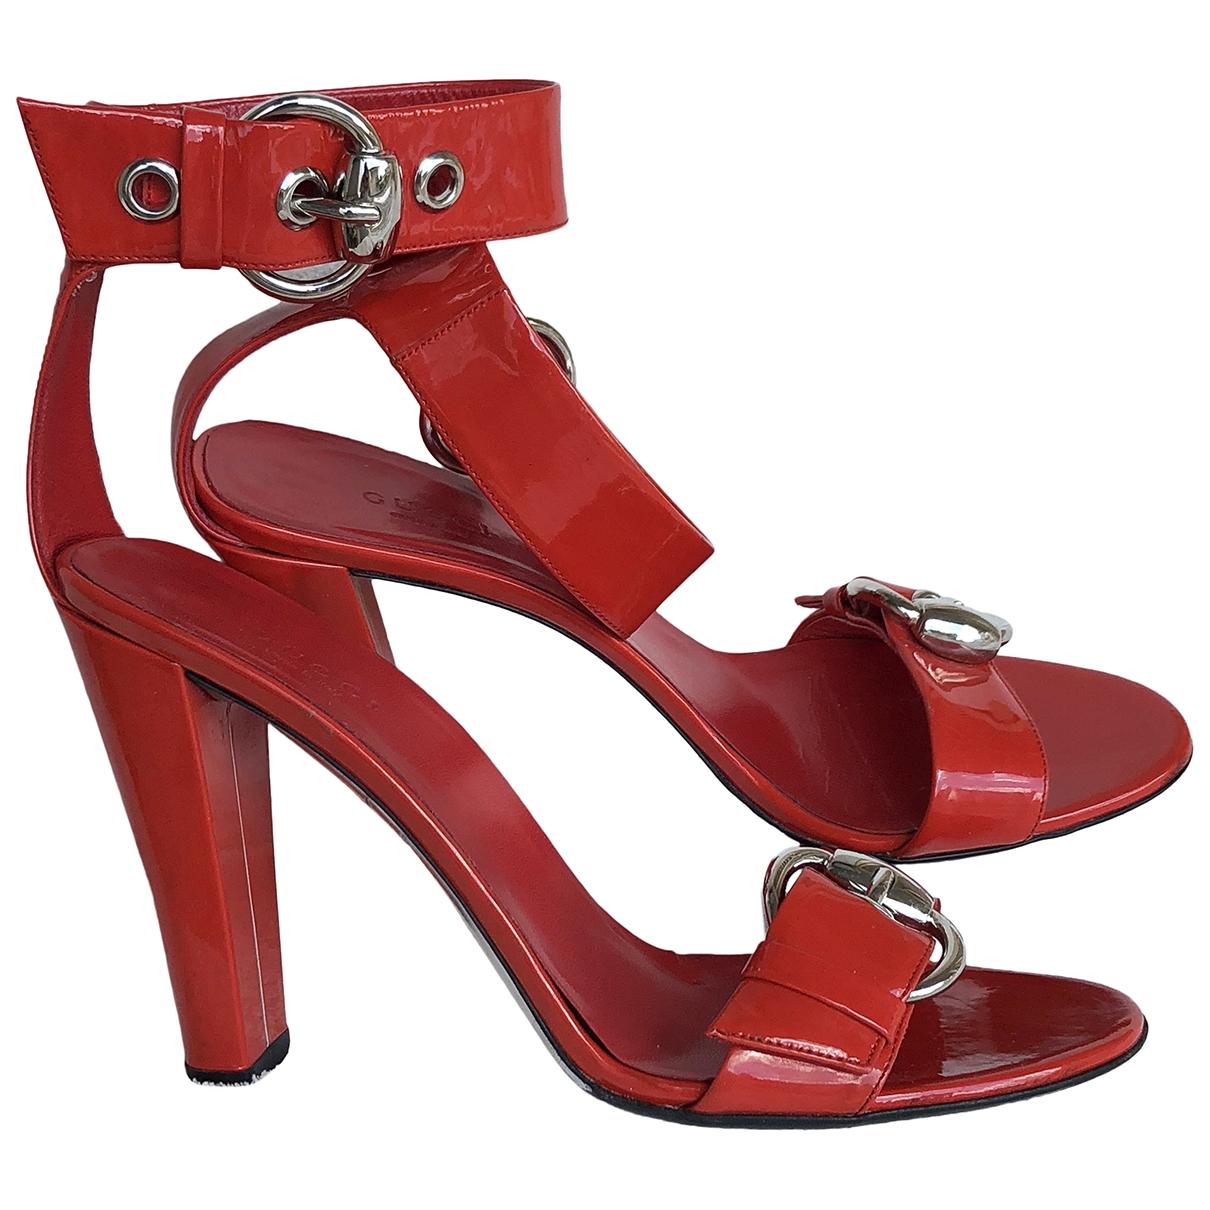 Gucci - Sandales   pour femme en cuir verni - rouge